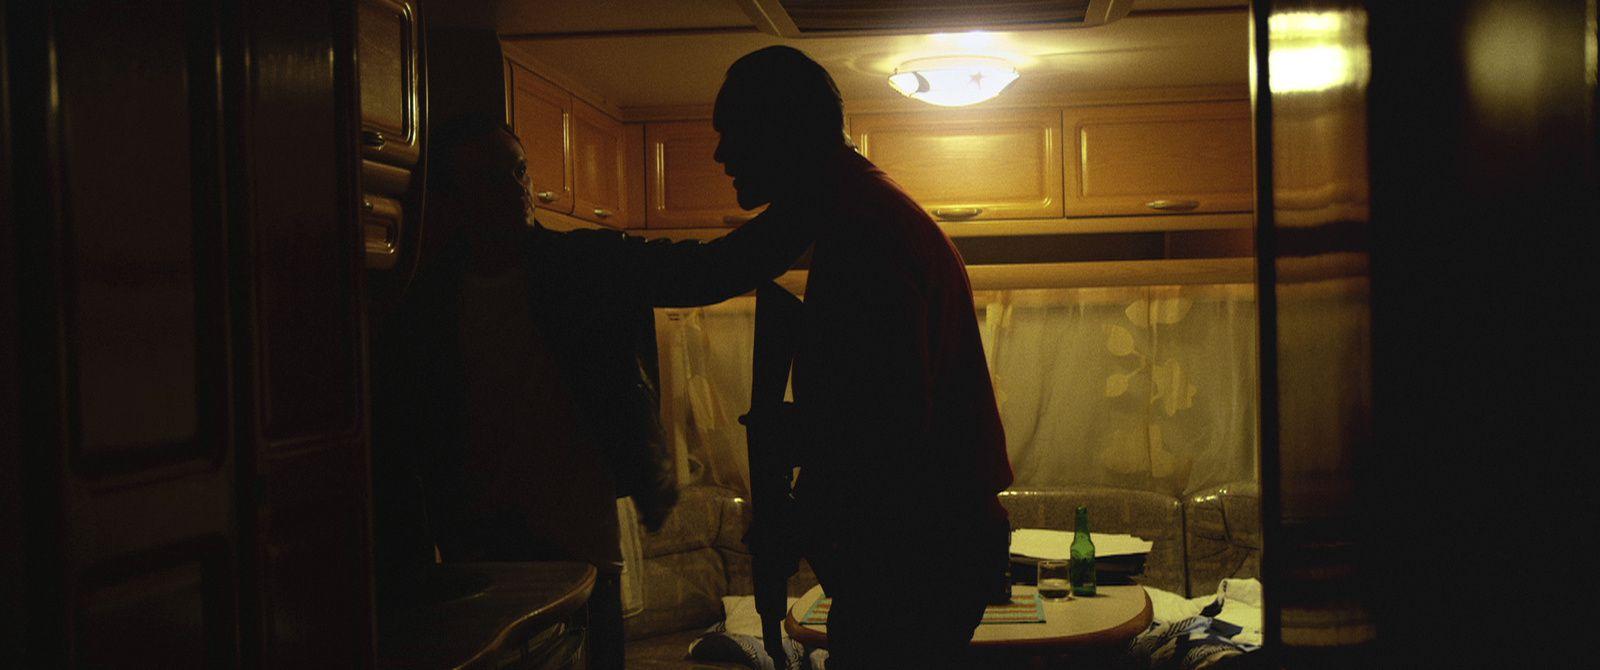 Dealer (BANDE ANNONCE VF et VO 2014) Disponible le 1er octobre 2015 sur Vimeo on Demand et dès le 1er novembre en VOD classique